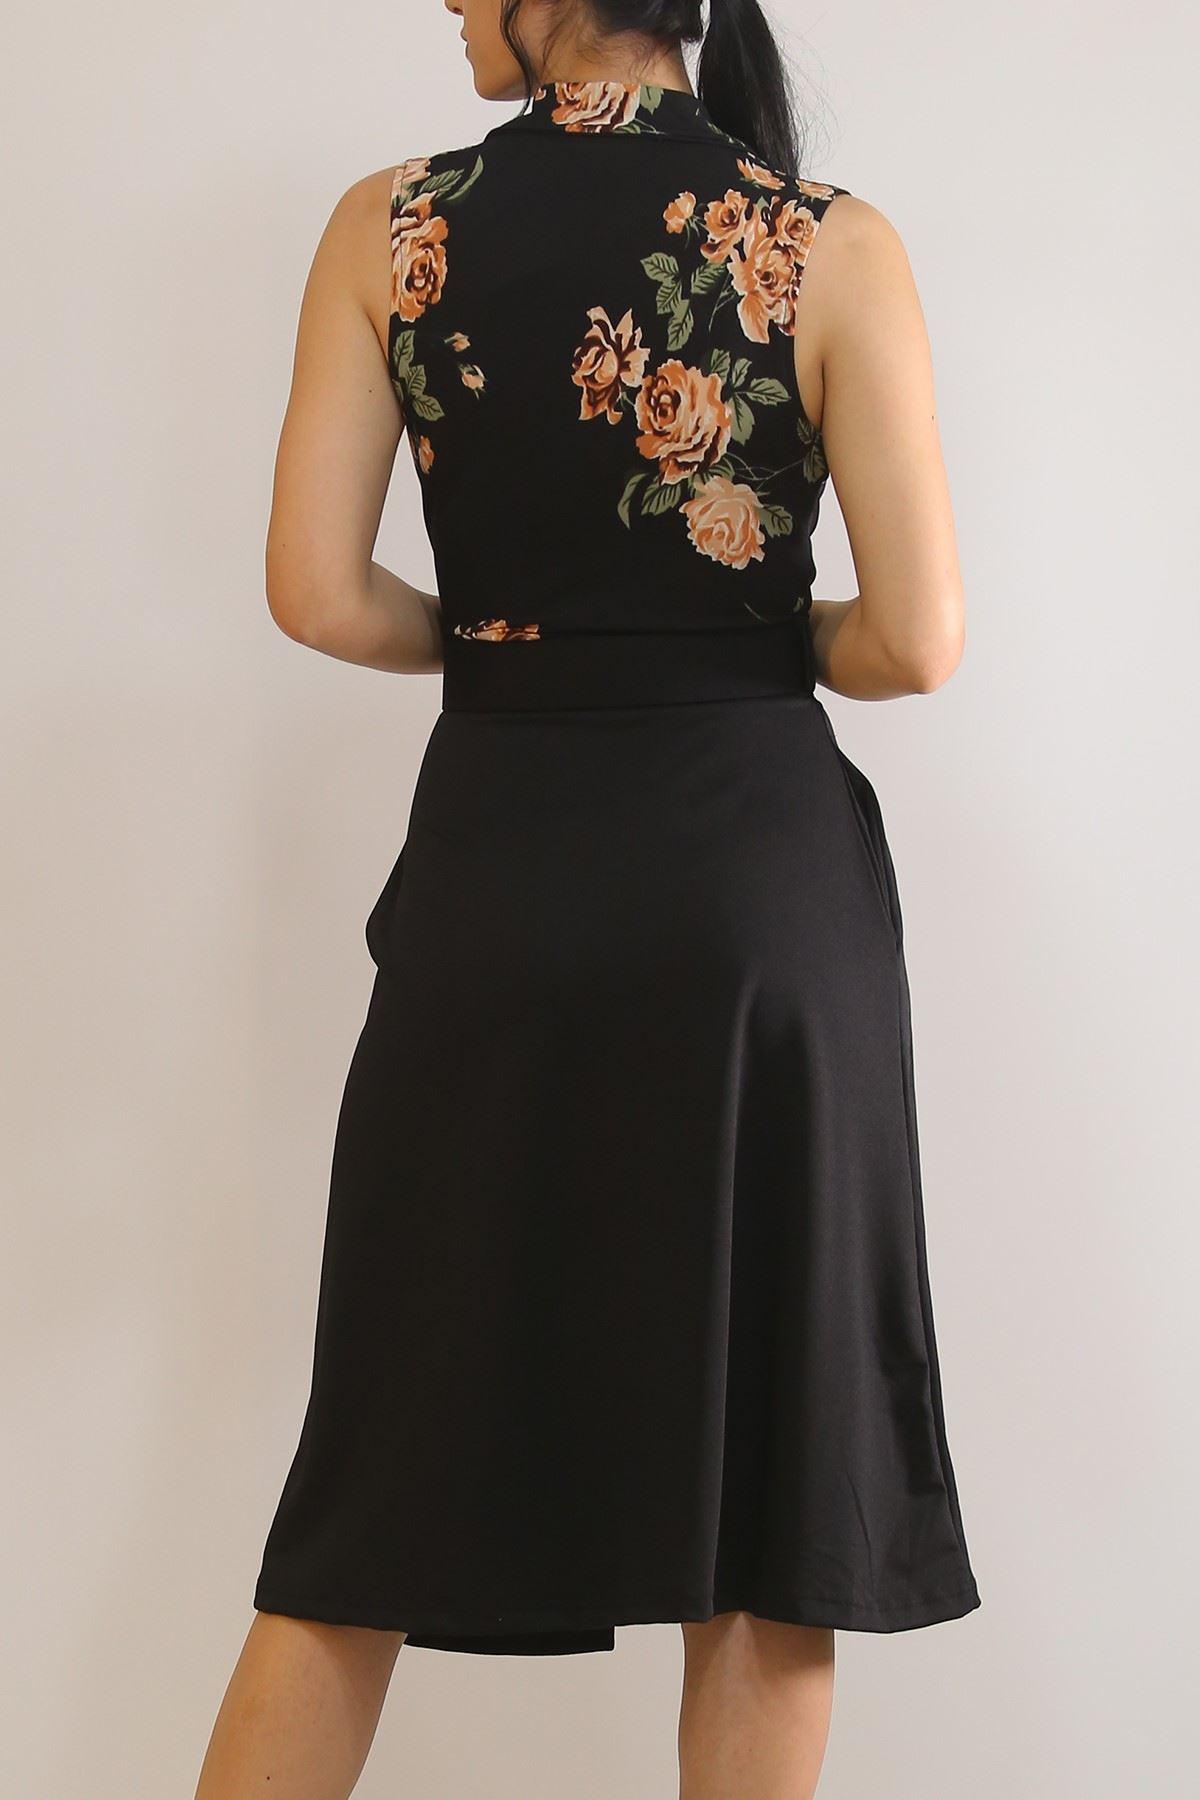 Kruvaze Kemerli Elbise Siyahçiçekli - 5898.1269.